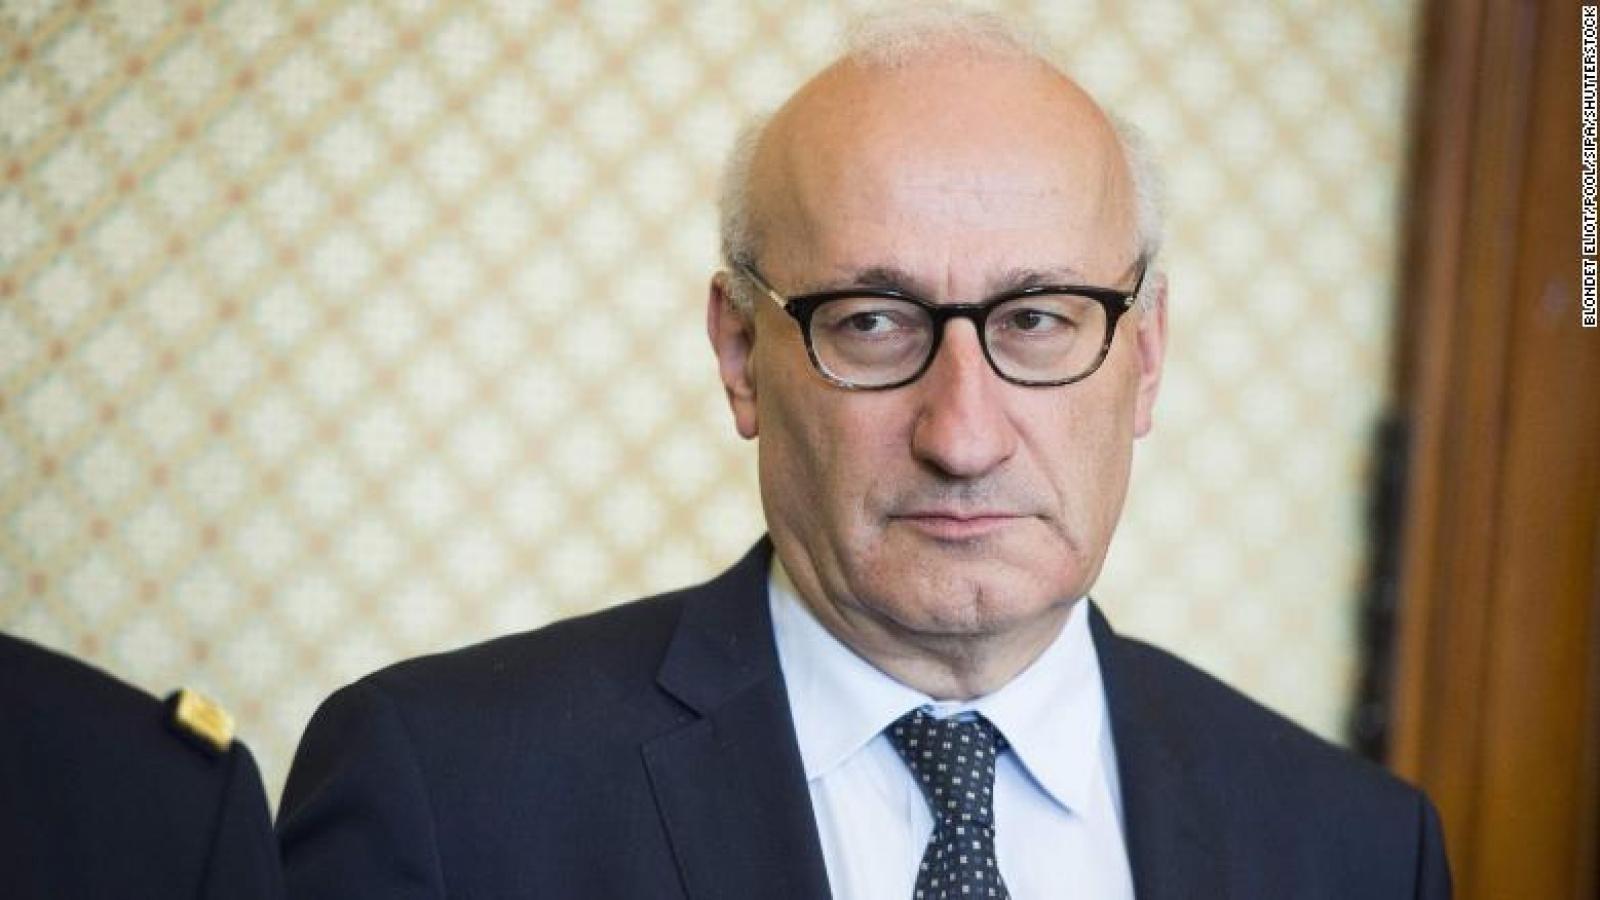 Đại sứ Pháp: Chúng tôi không được báo về thỏa thuận mới dù trước đó vừa gặp phía Australia